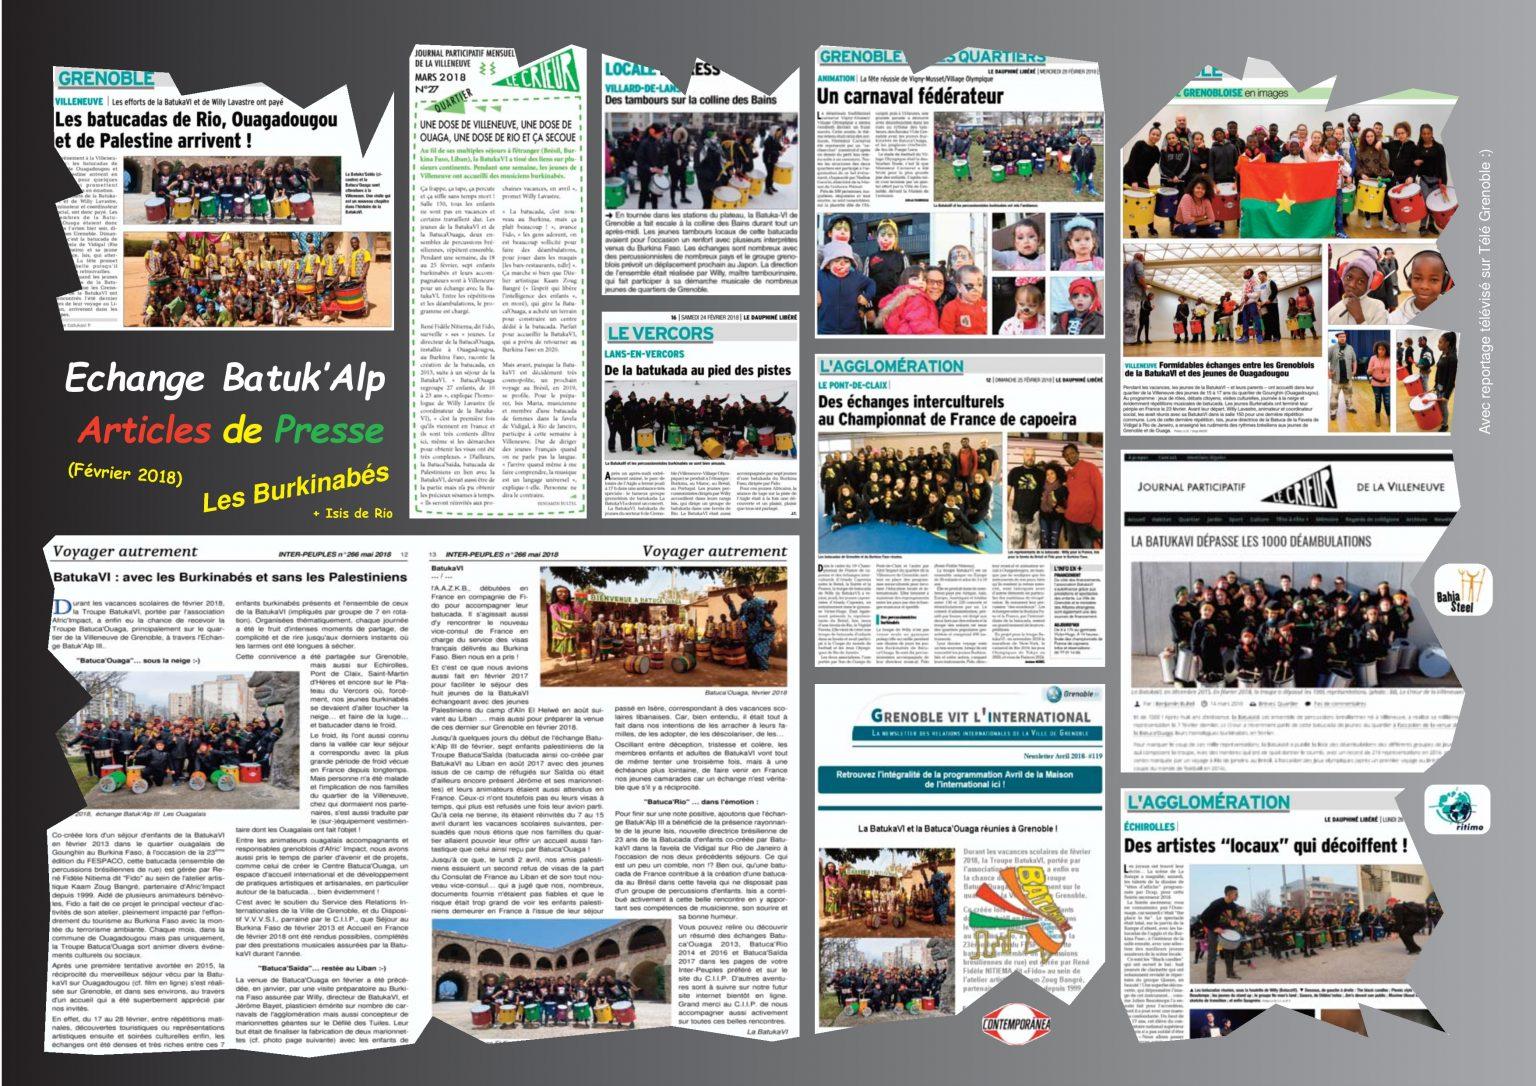 BatukaVI - Panneau Articles 2018-02 Echange Batuk'Alp VI - Les Burkinabés